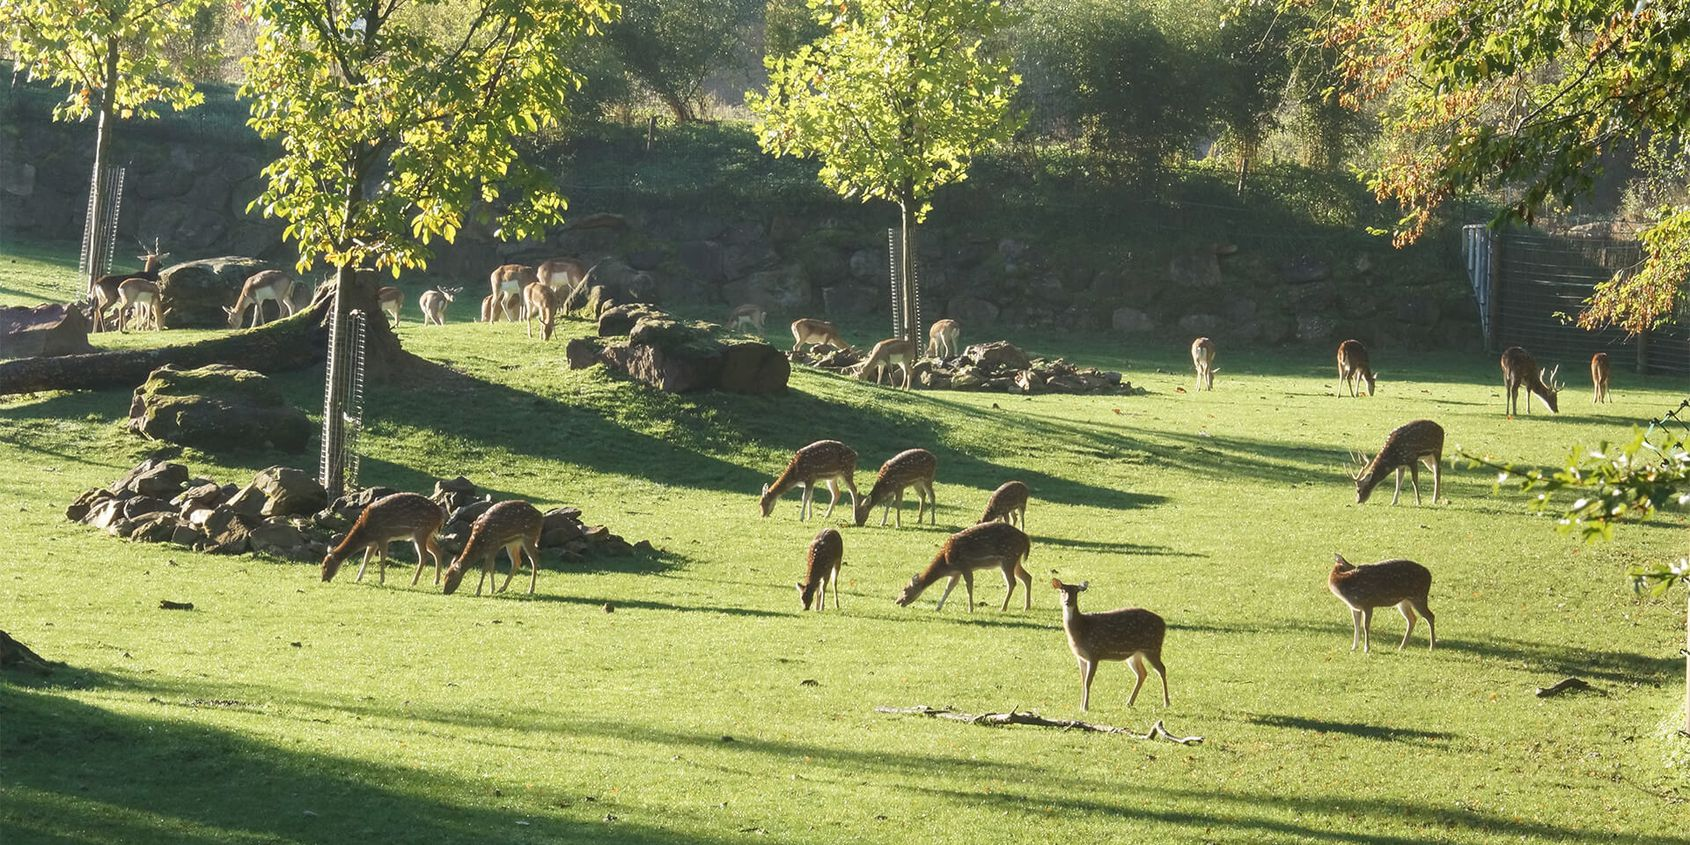 Cerfs axis - Les animaux de La Plaine Asiatique - ZooParc de Beauval